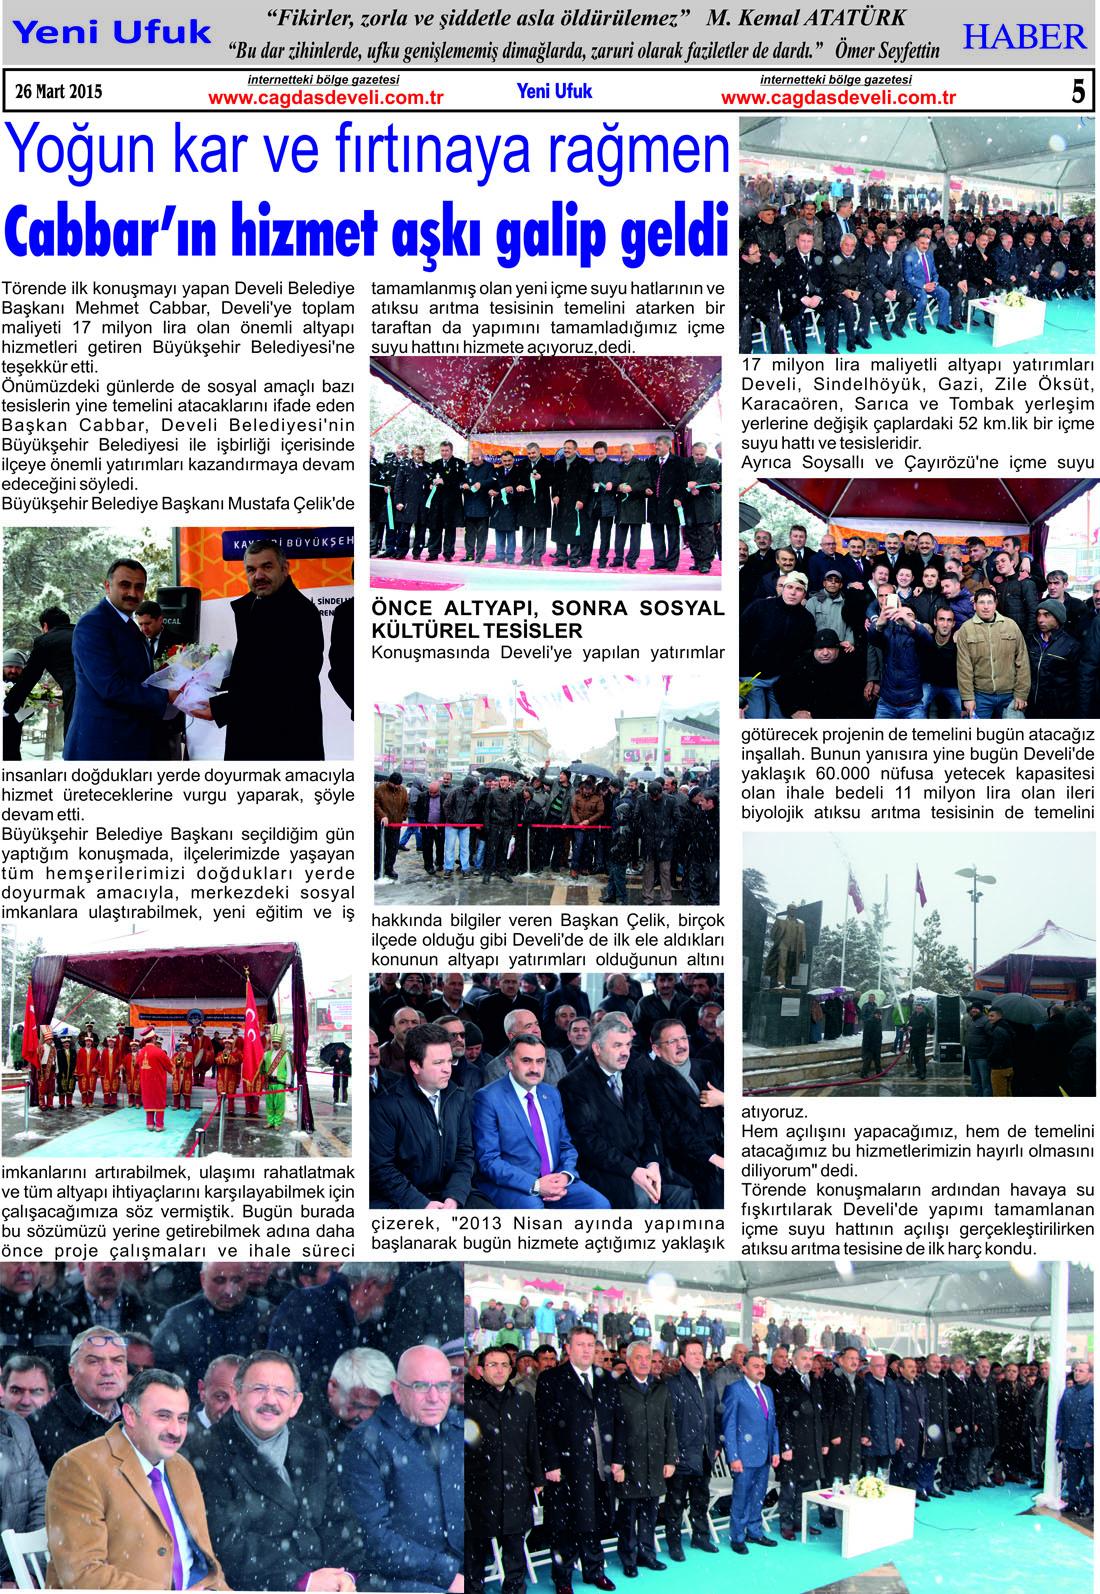 Yeni Ufuk Bölge Gazetesi, 26 Mart 2015, Sayfa 5